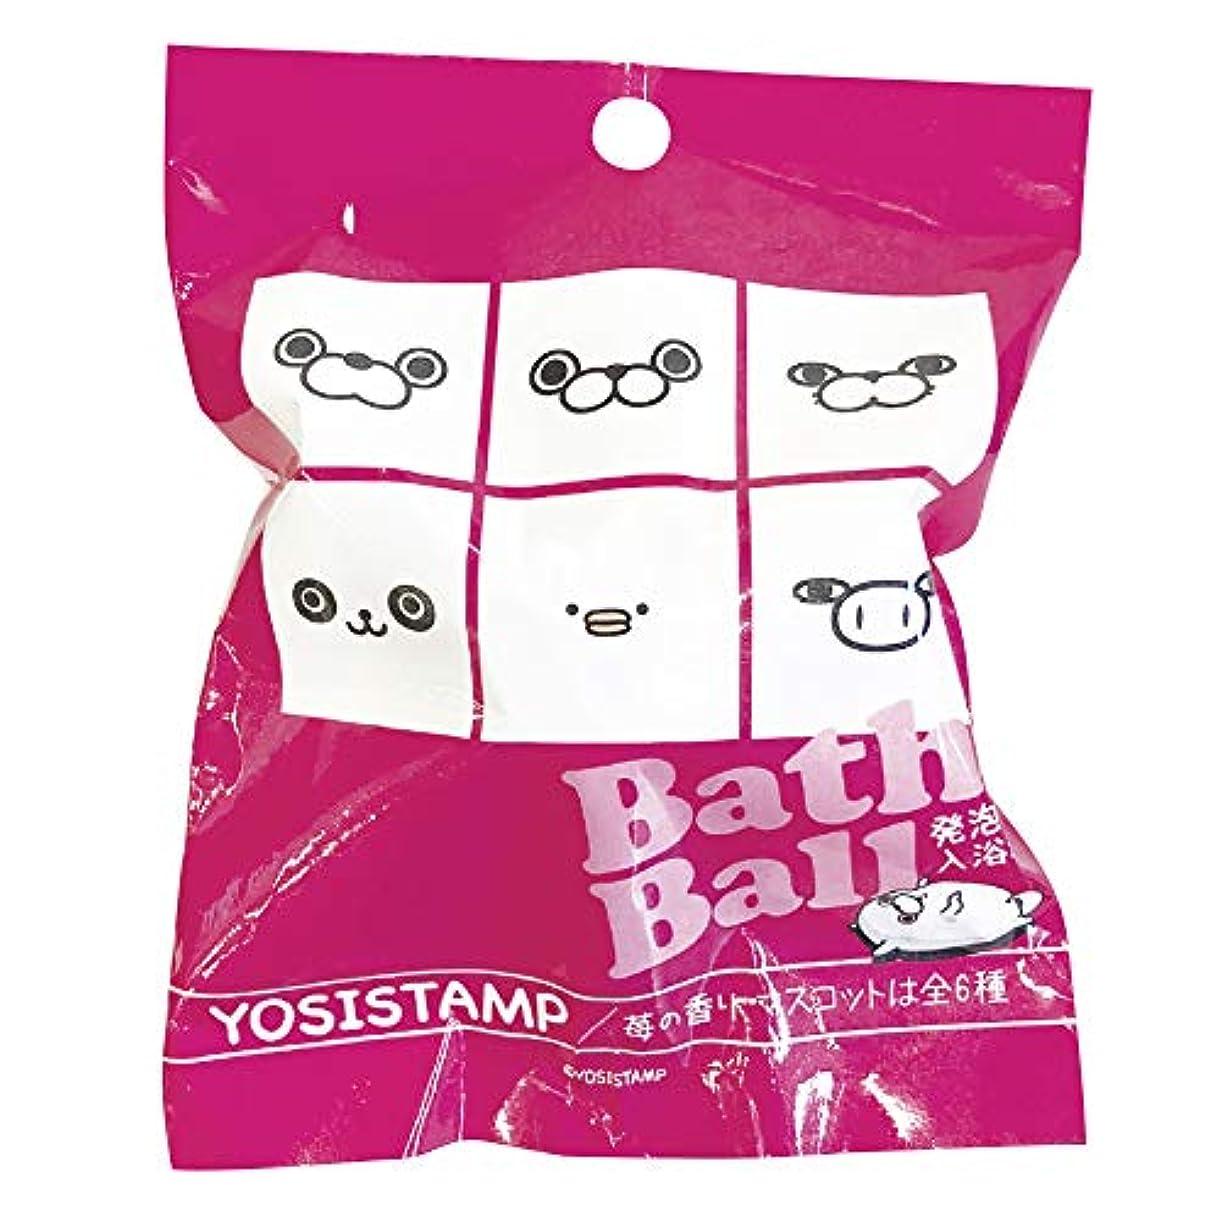 好む提案するアリヨッシースタンプ 入浴剤 バスボール おまけ付き イチゴの香り ABD-004-002